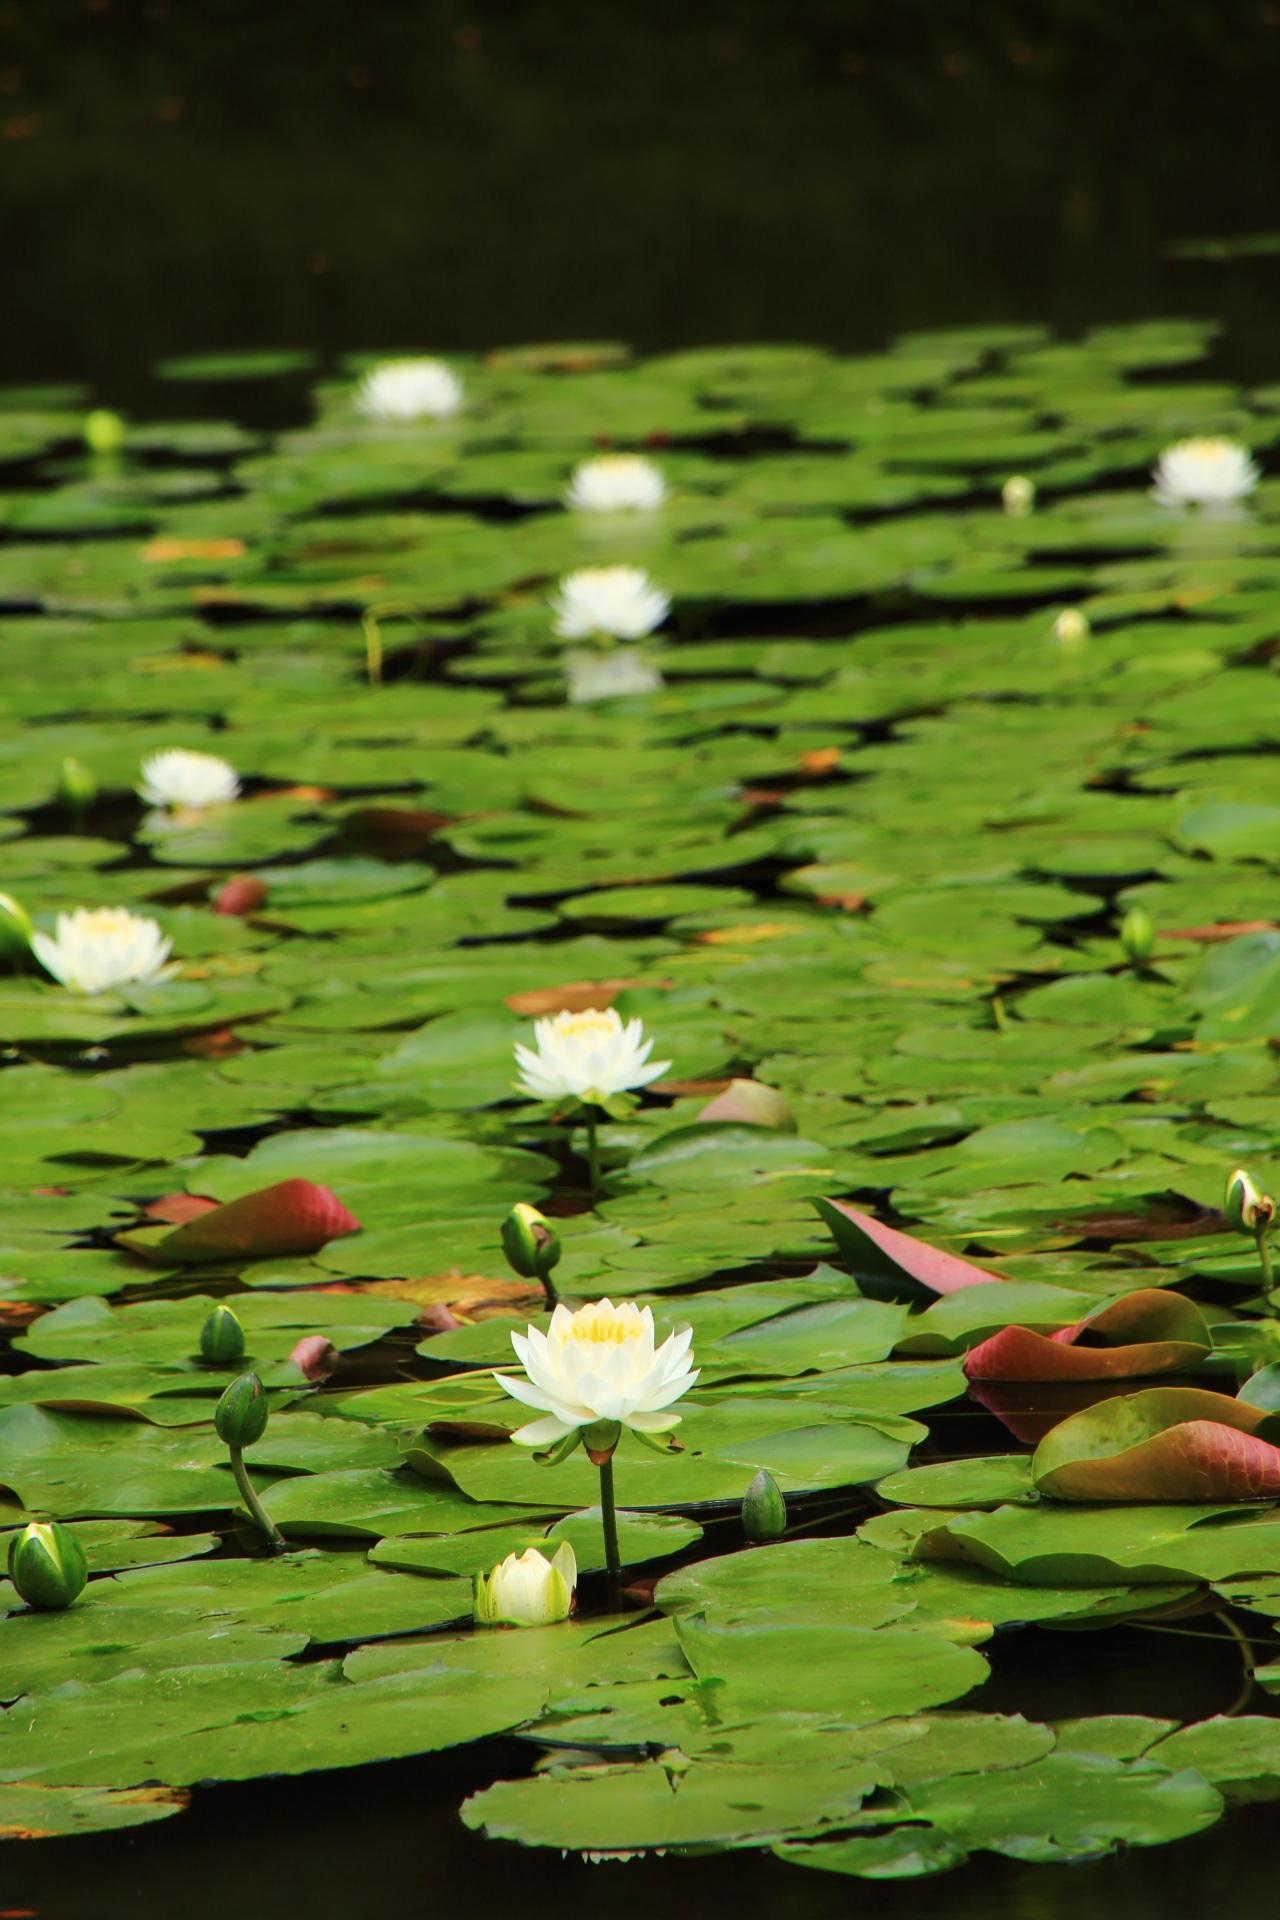 平安神宮の水面から少し高い位置で咲いている睡蓮